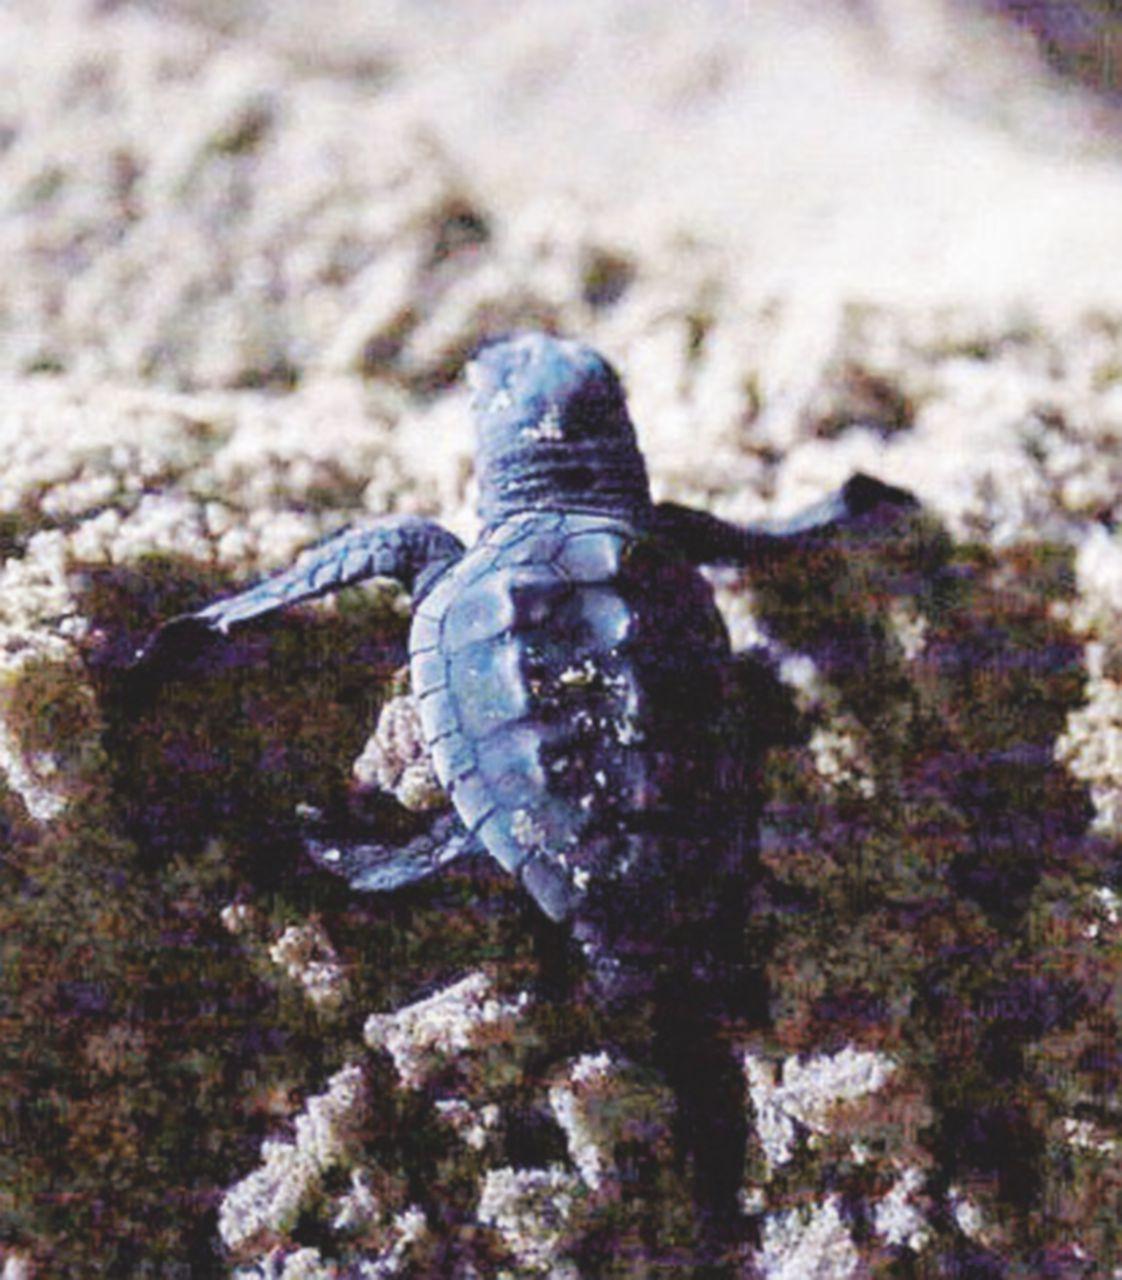 Non è un'isola per tartarughe. A rischio il centro di Lampedusa